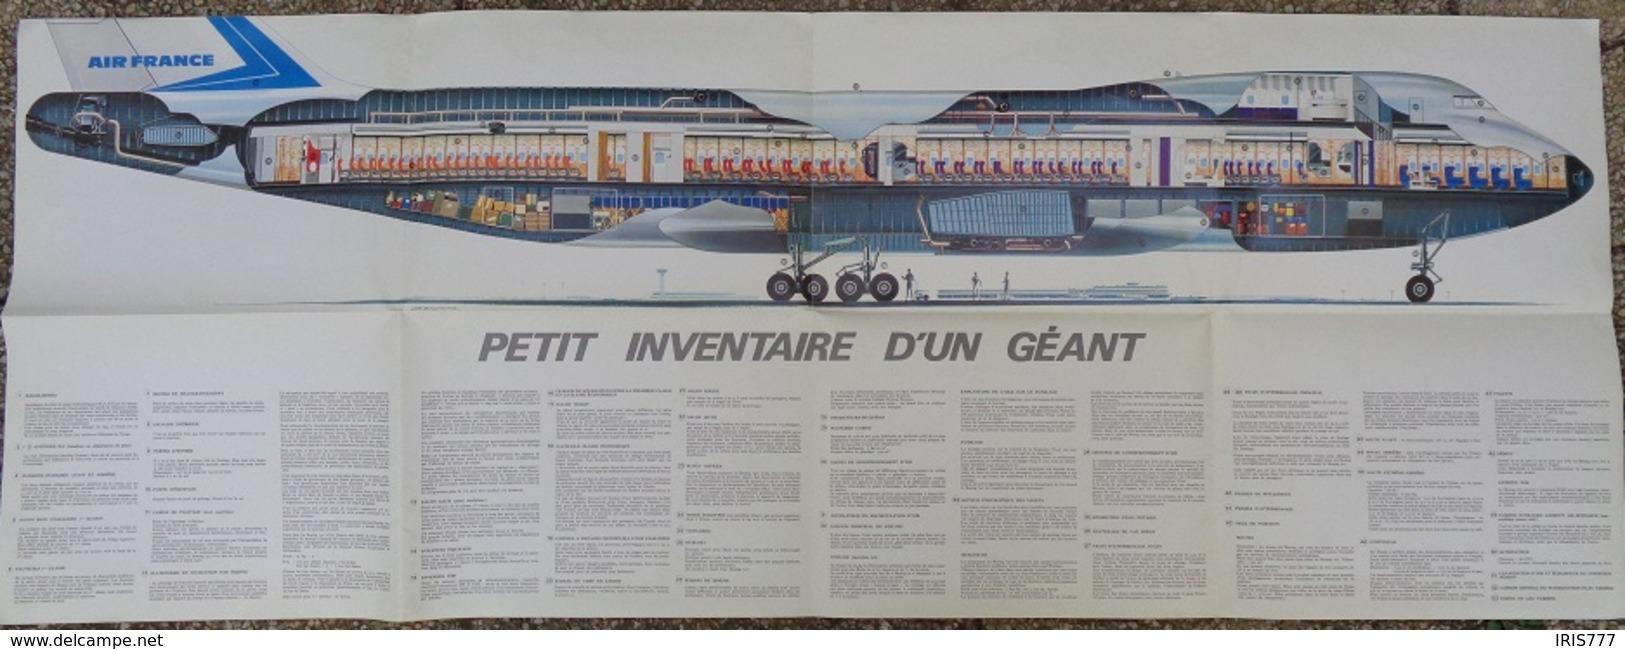 AIR FRANCE - BOEING 747 - PUBLICITÉ DÉPLIANT BROCHURE - Publicités